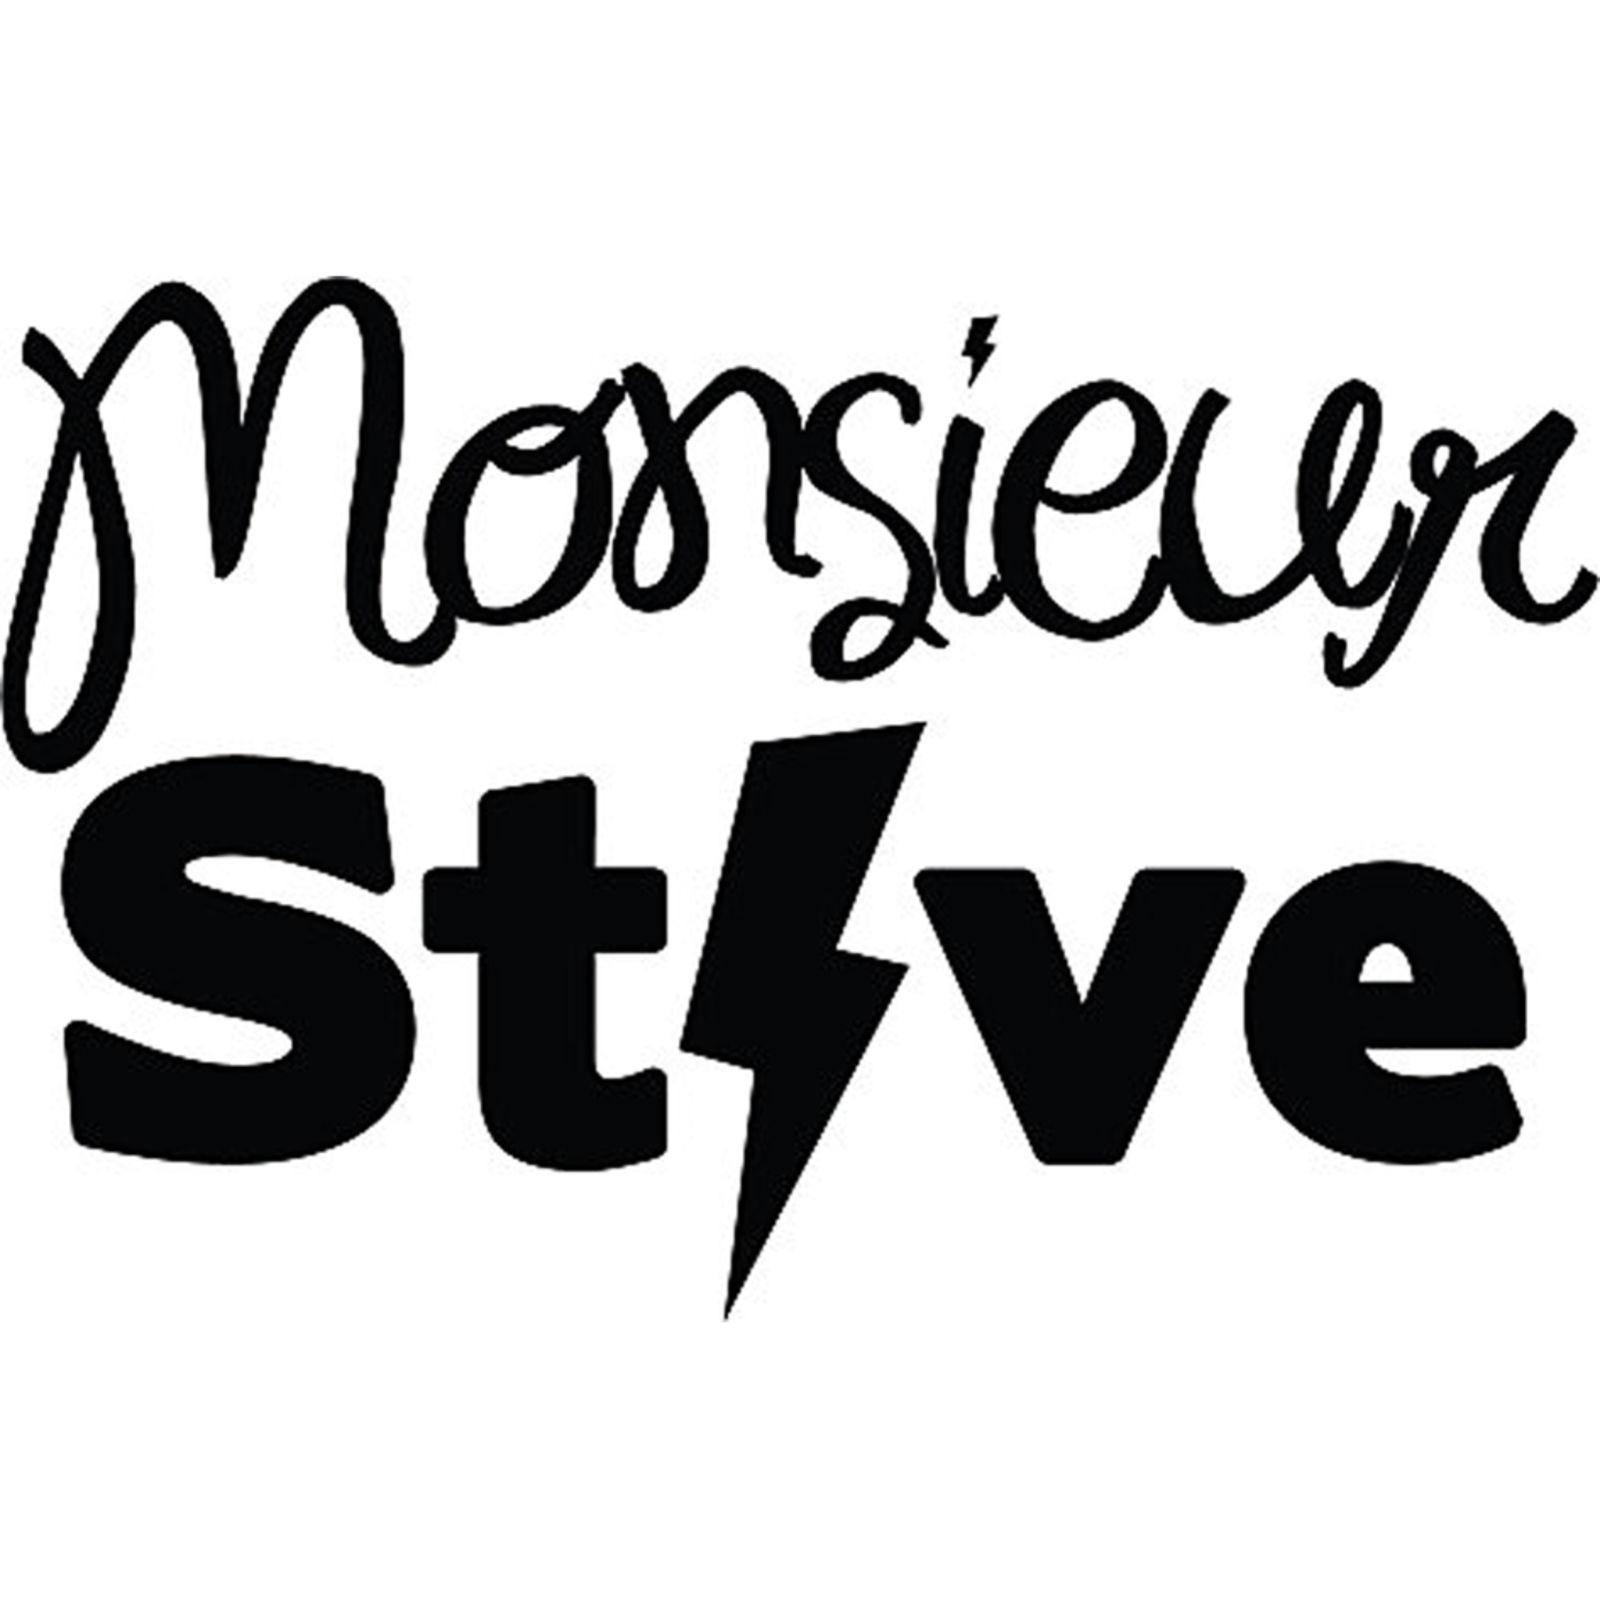 MONSIEUR STEVE